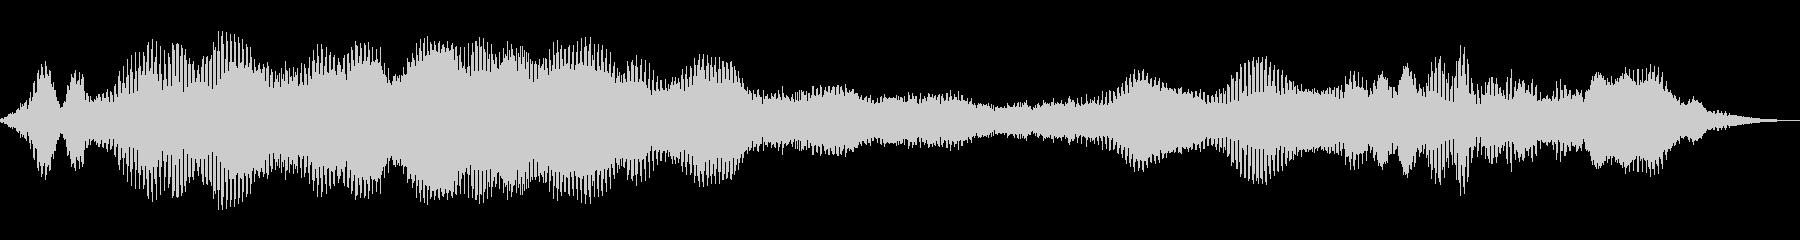 スペースフェリー3の未再生の波形